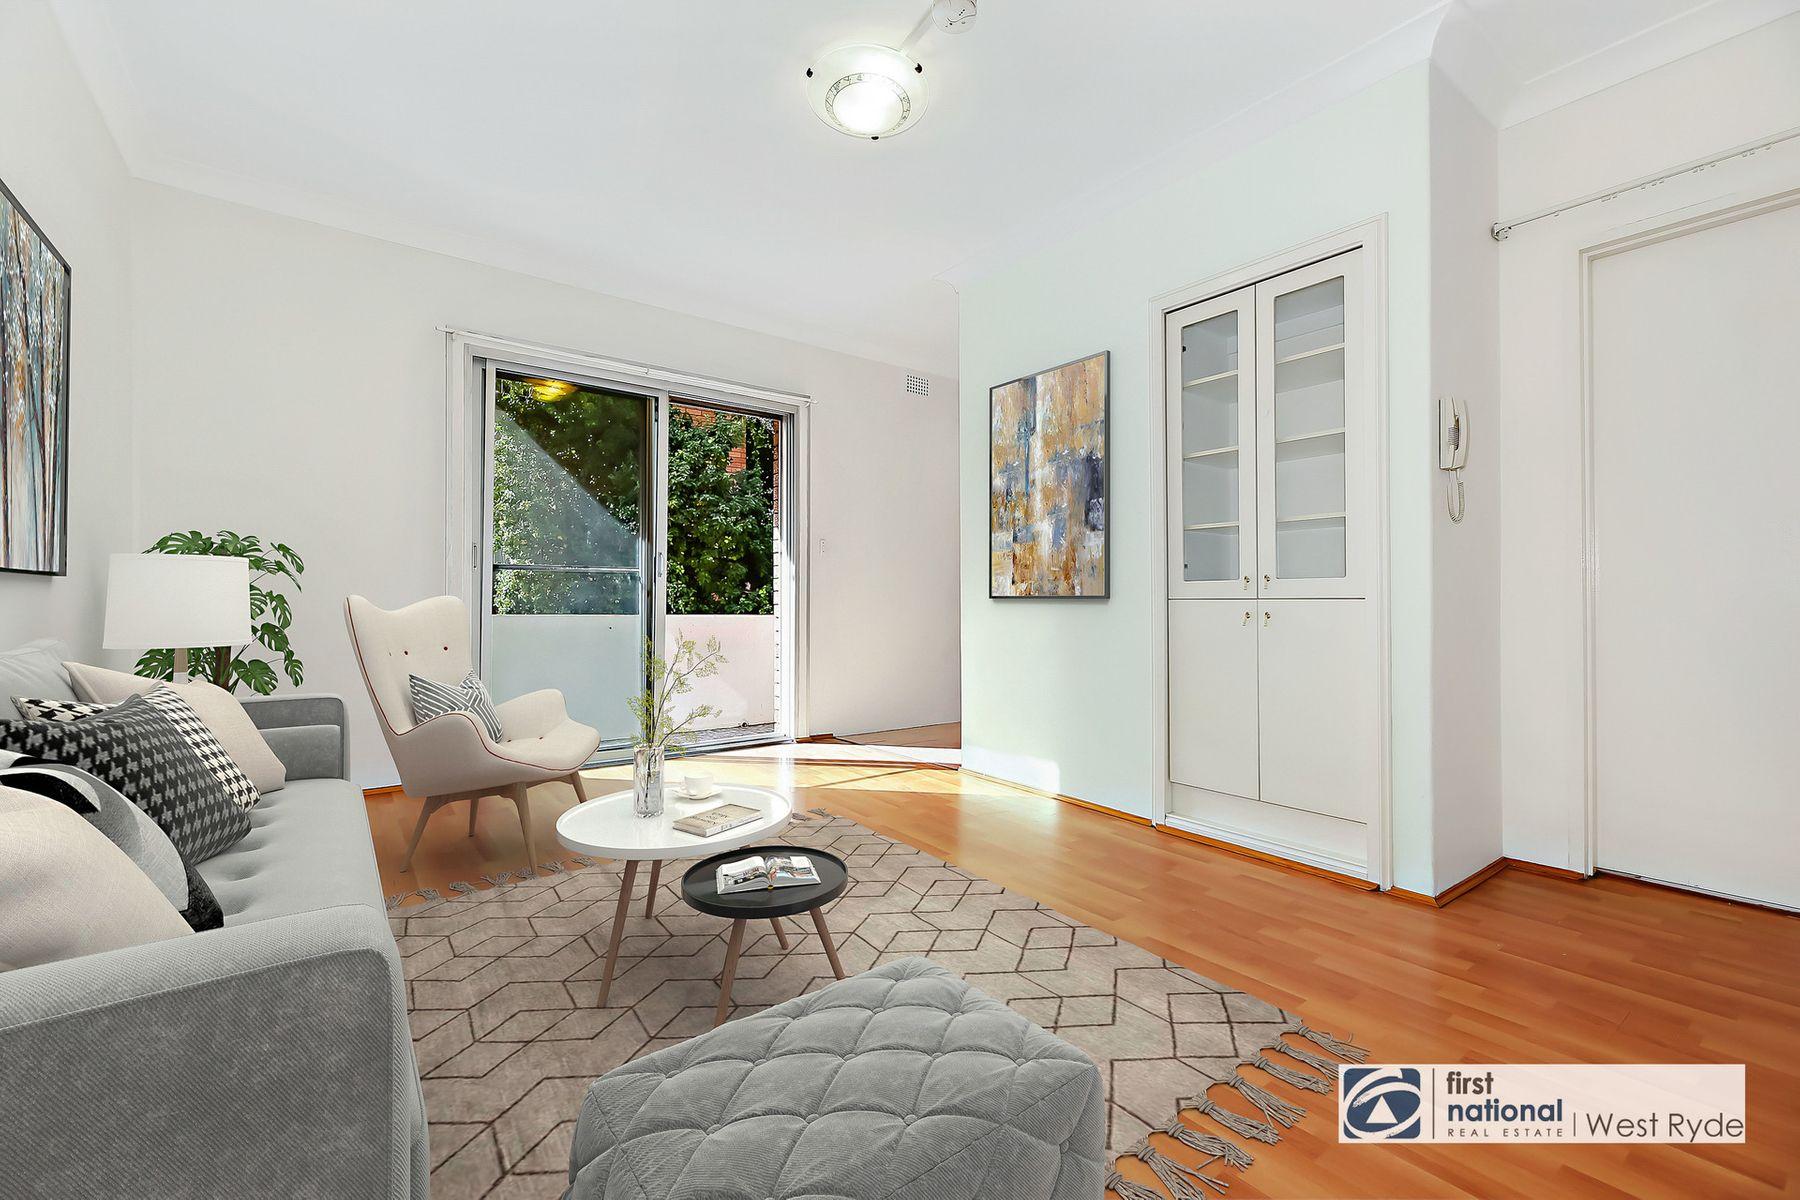 6/15-17 Devlin Street, Ryde, NSW 2112